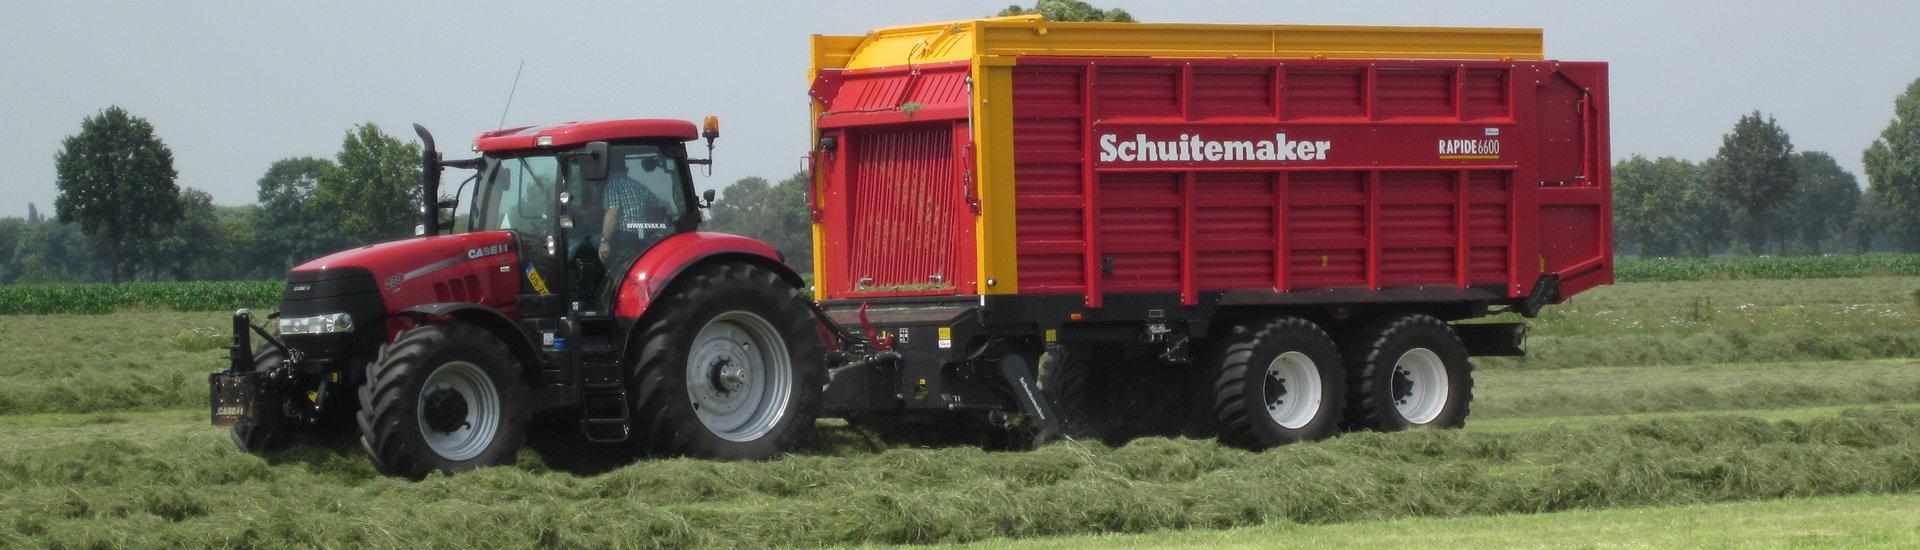 Schuitemaker Rapide 1000 serie